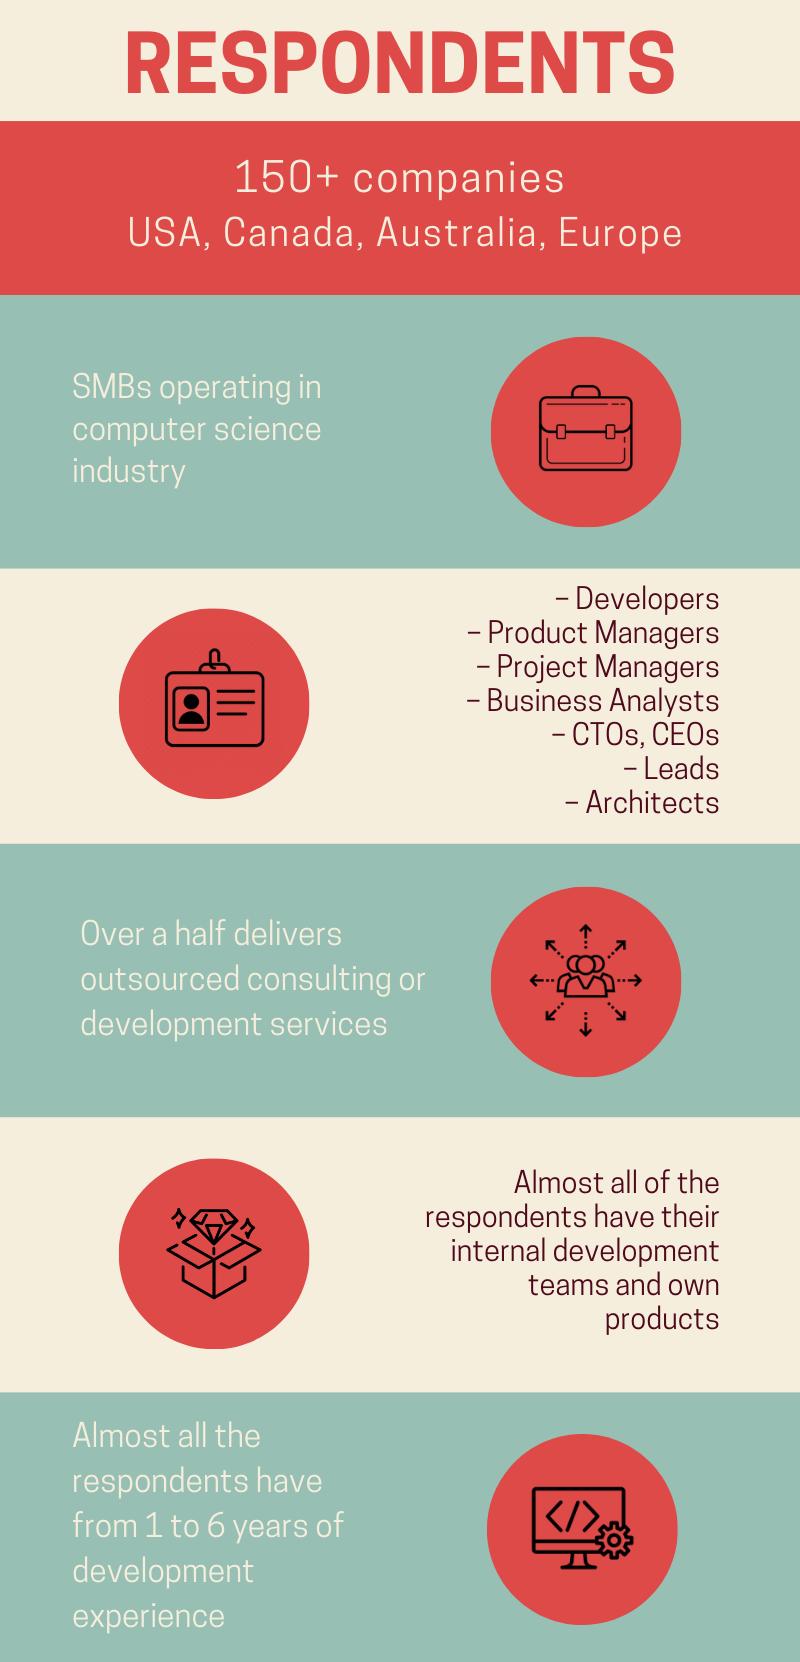 Web app development in 2020 survey